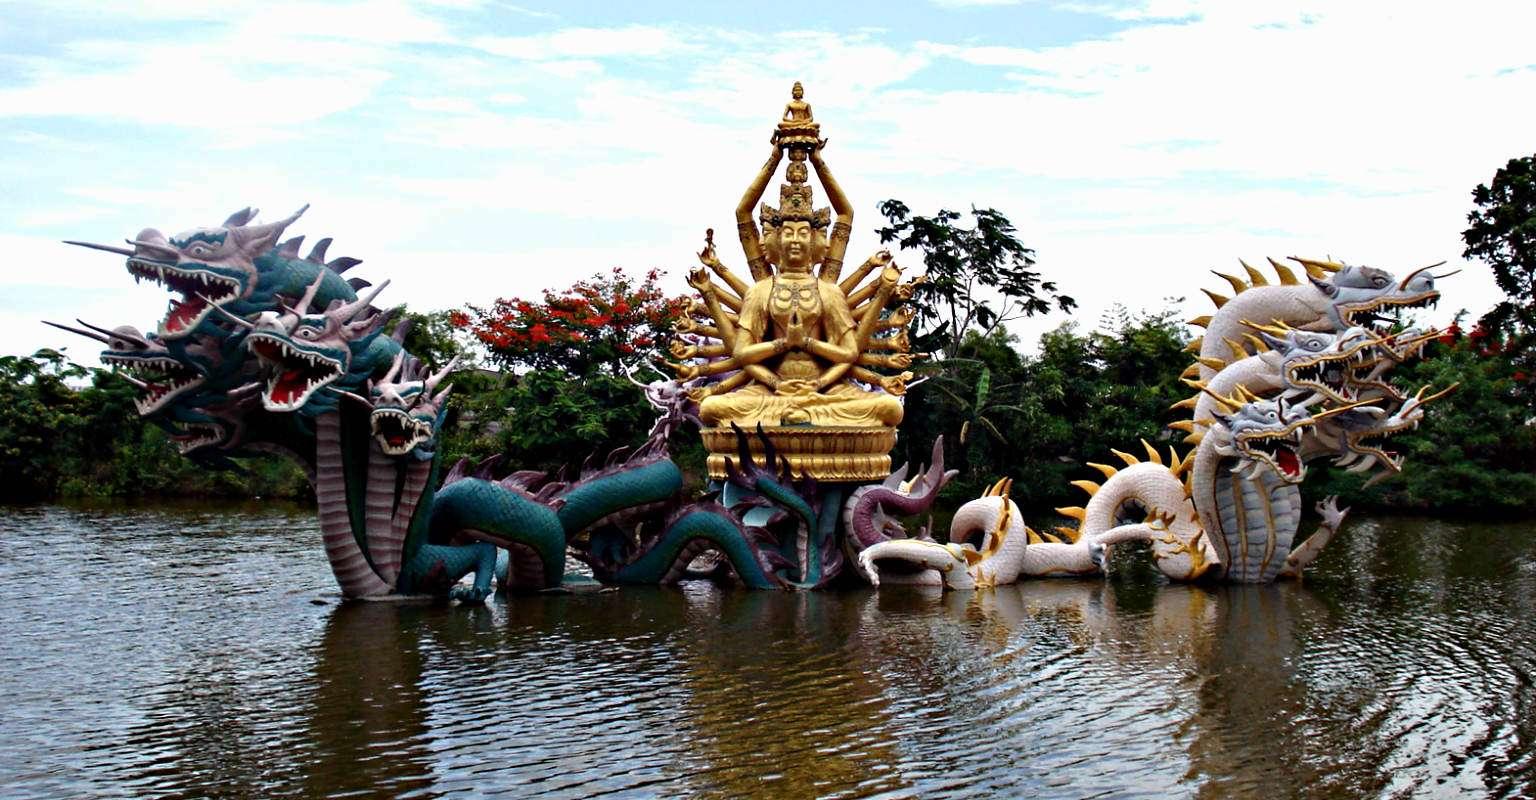 Fontijn met drakenkoppen en Boeddhabeeld in het water van Ancient City. Muang Boran, Thailand